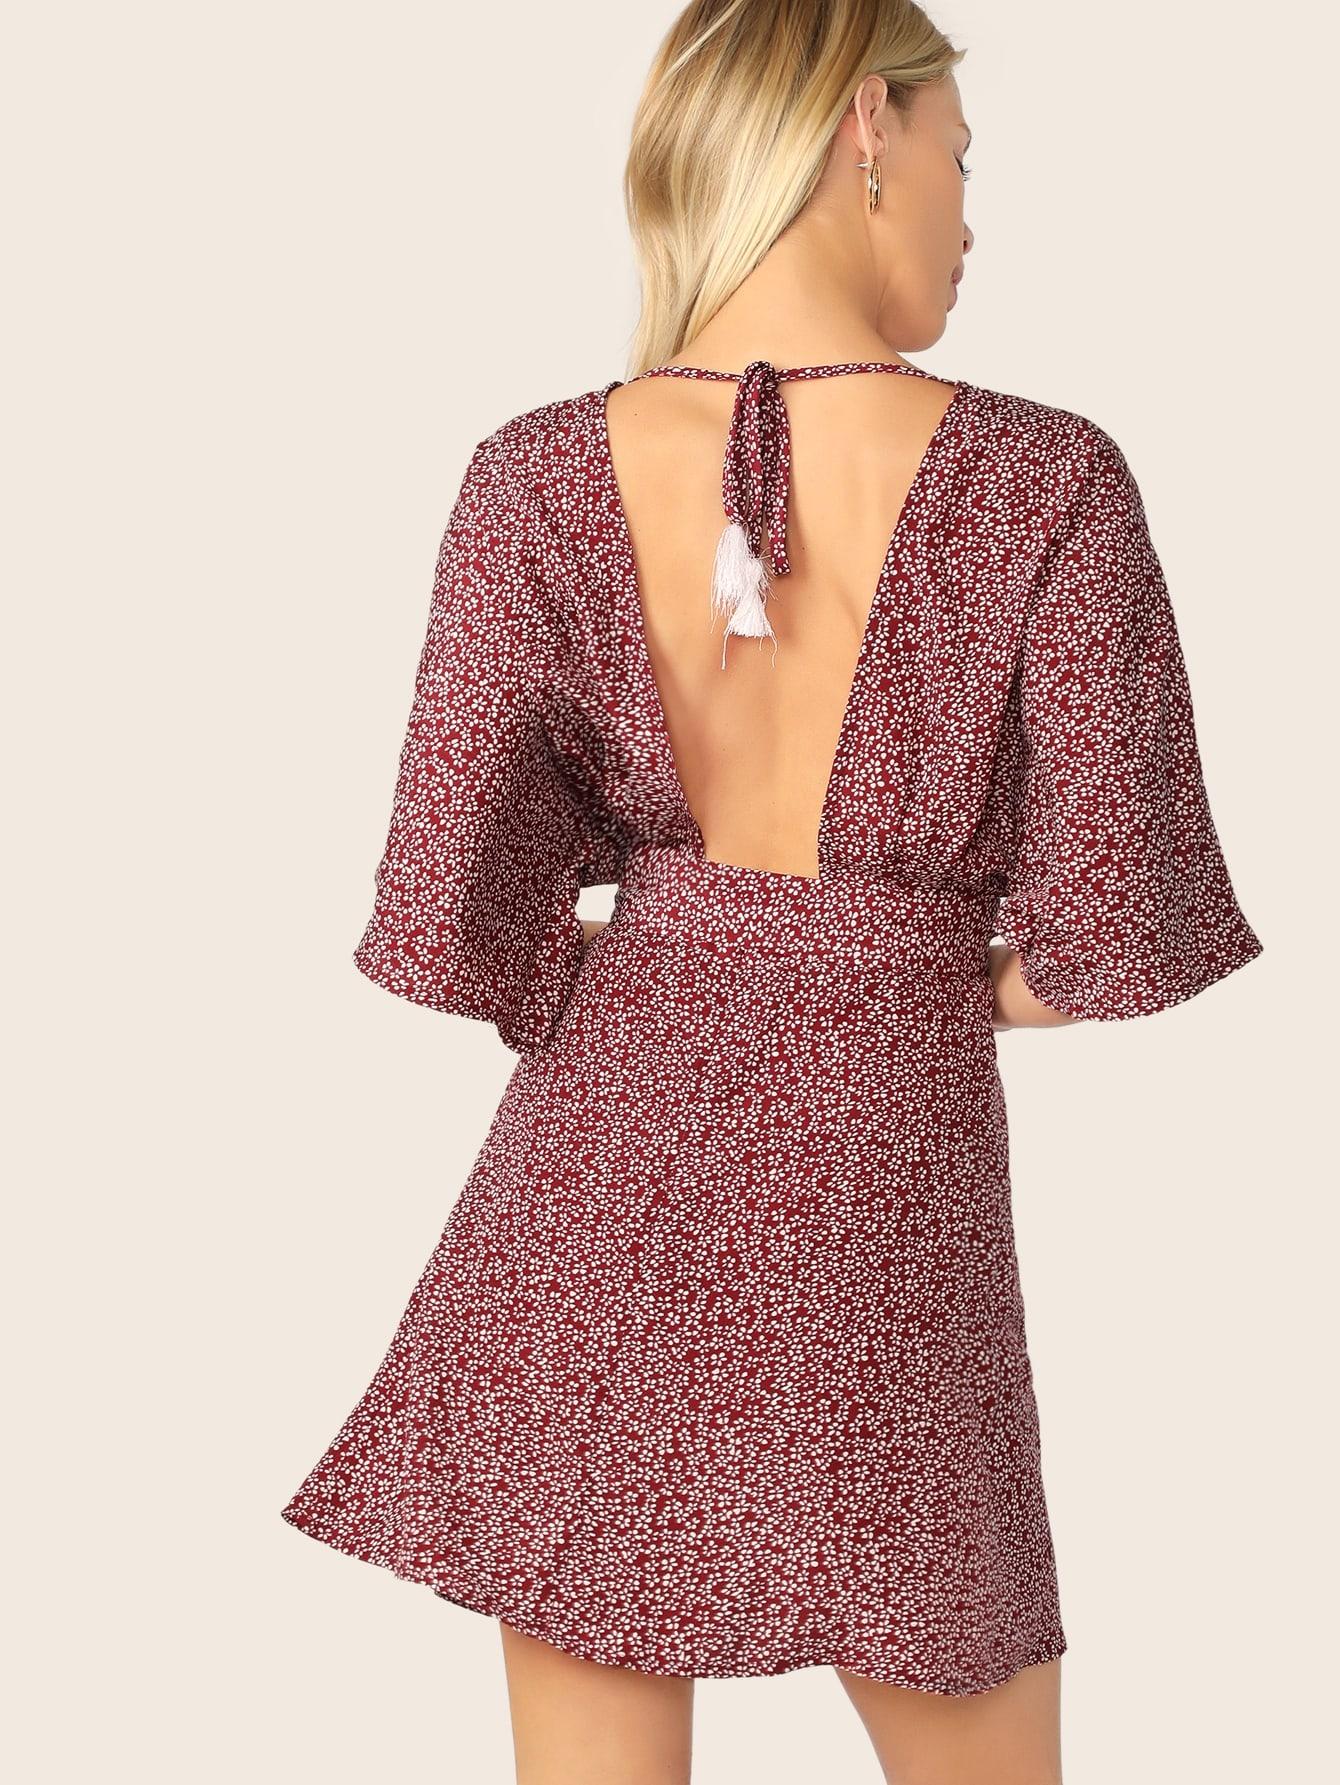 Фото - Платье с завязкой, цветочным принтом и глубоким V-образным вырезом от SheIn цвет бургундия